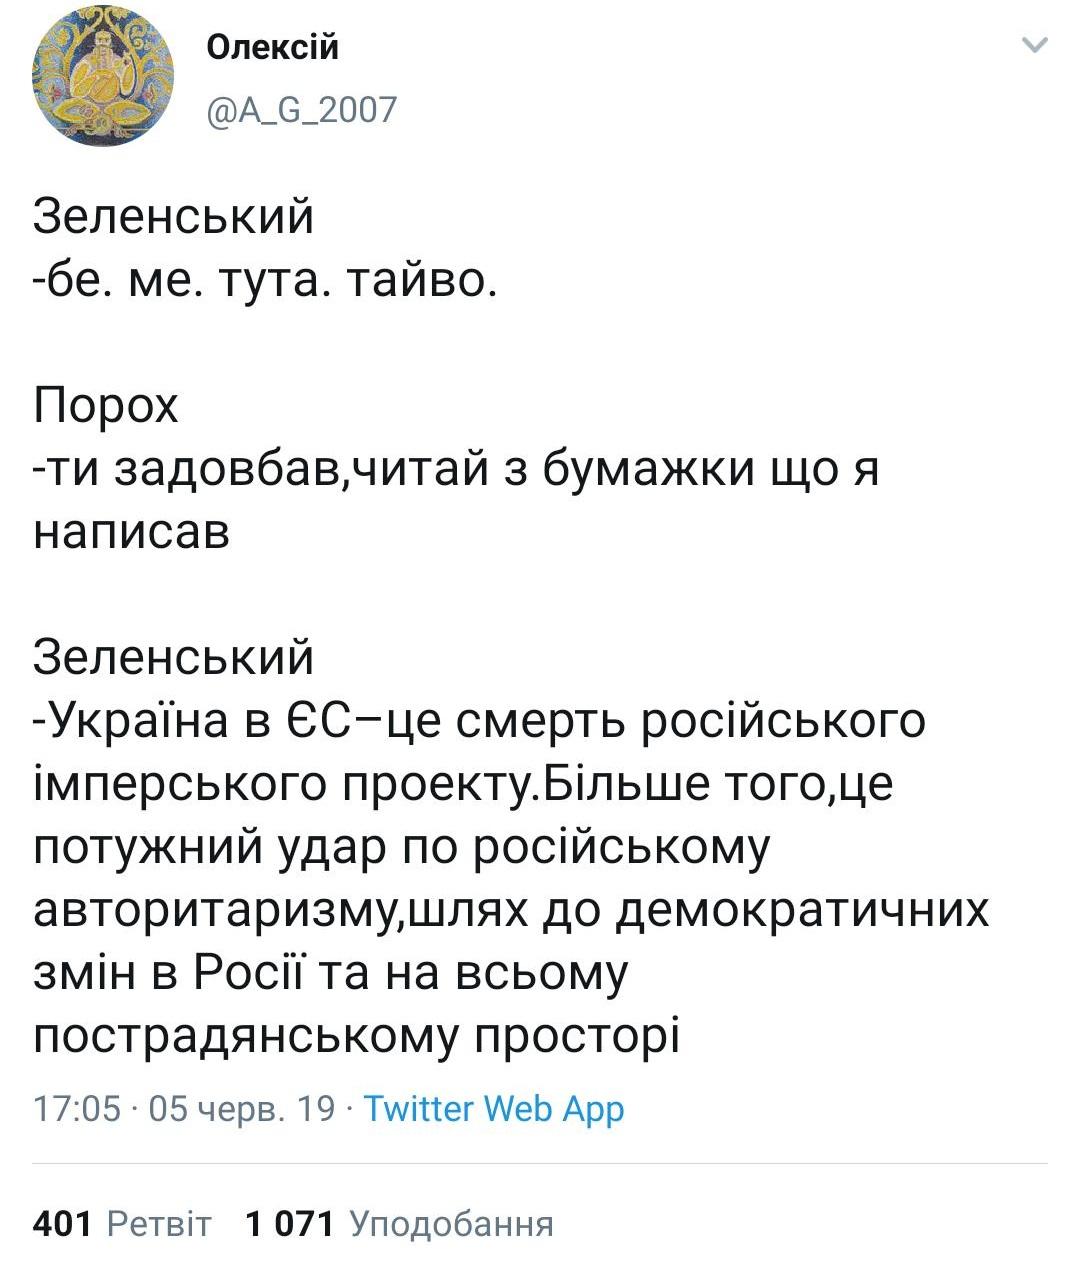 Зеленский начал официальный визит в Париж - Цензор.НЕТ 3985